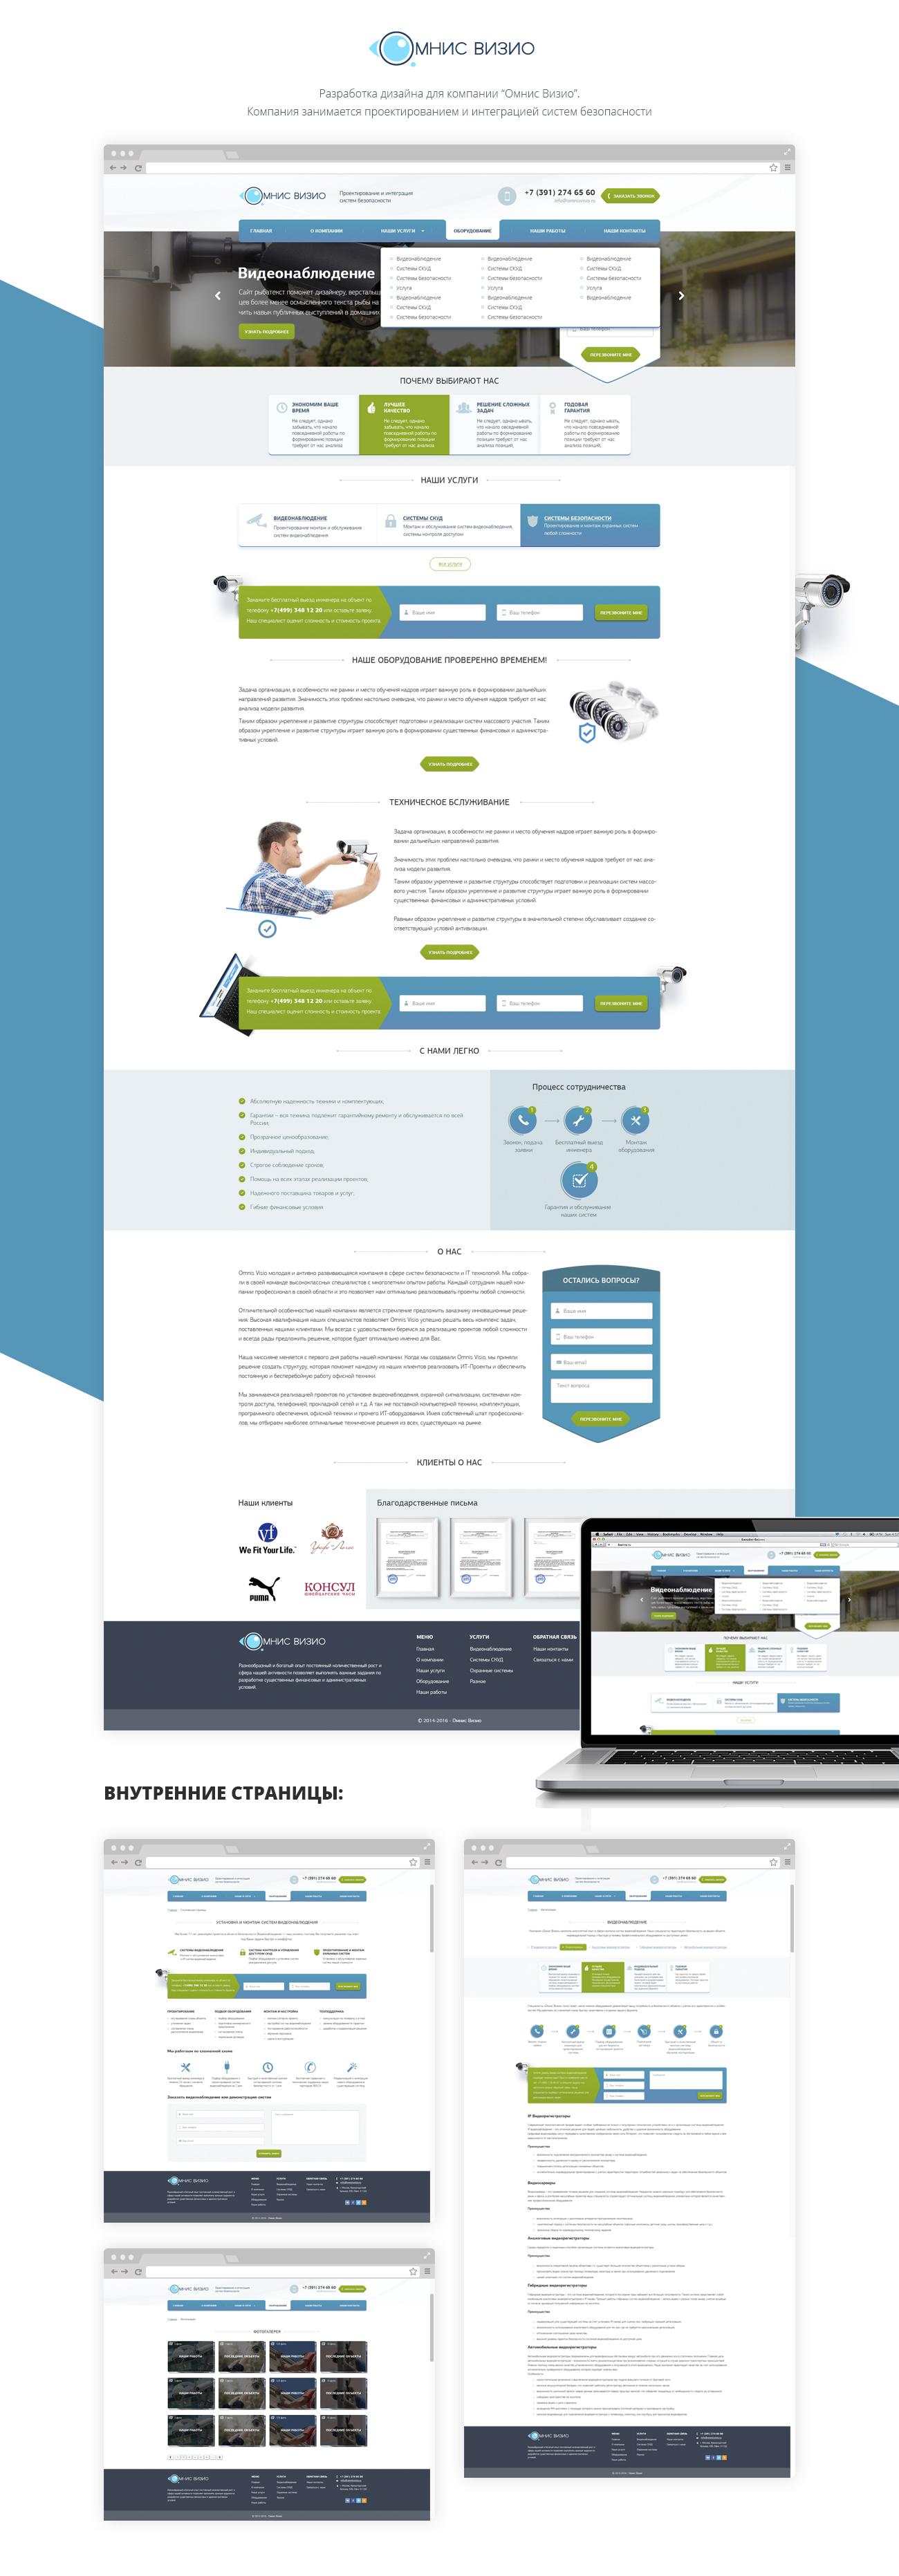 Омнис Визио - Проектирование и интеграция систем безопасности - дизайн сайта